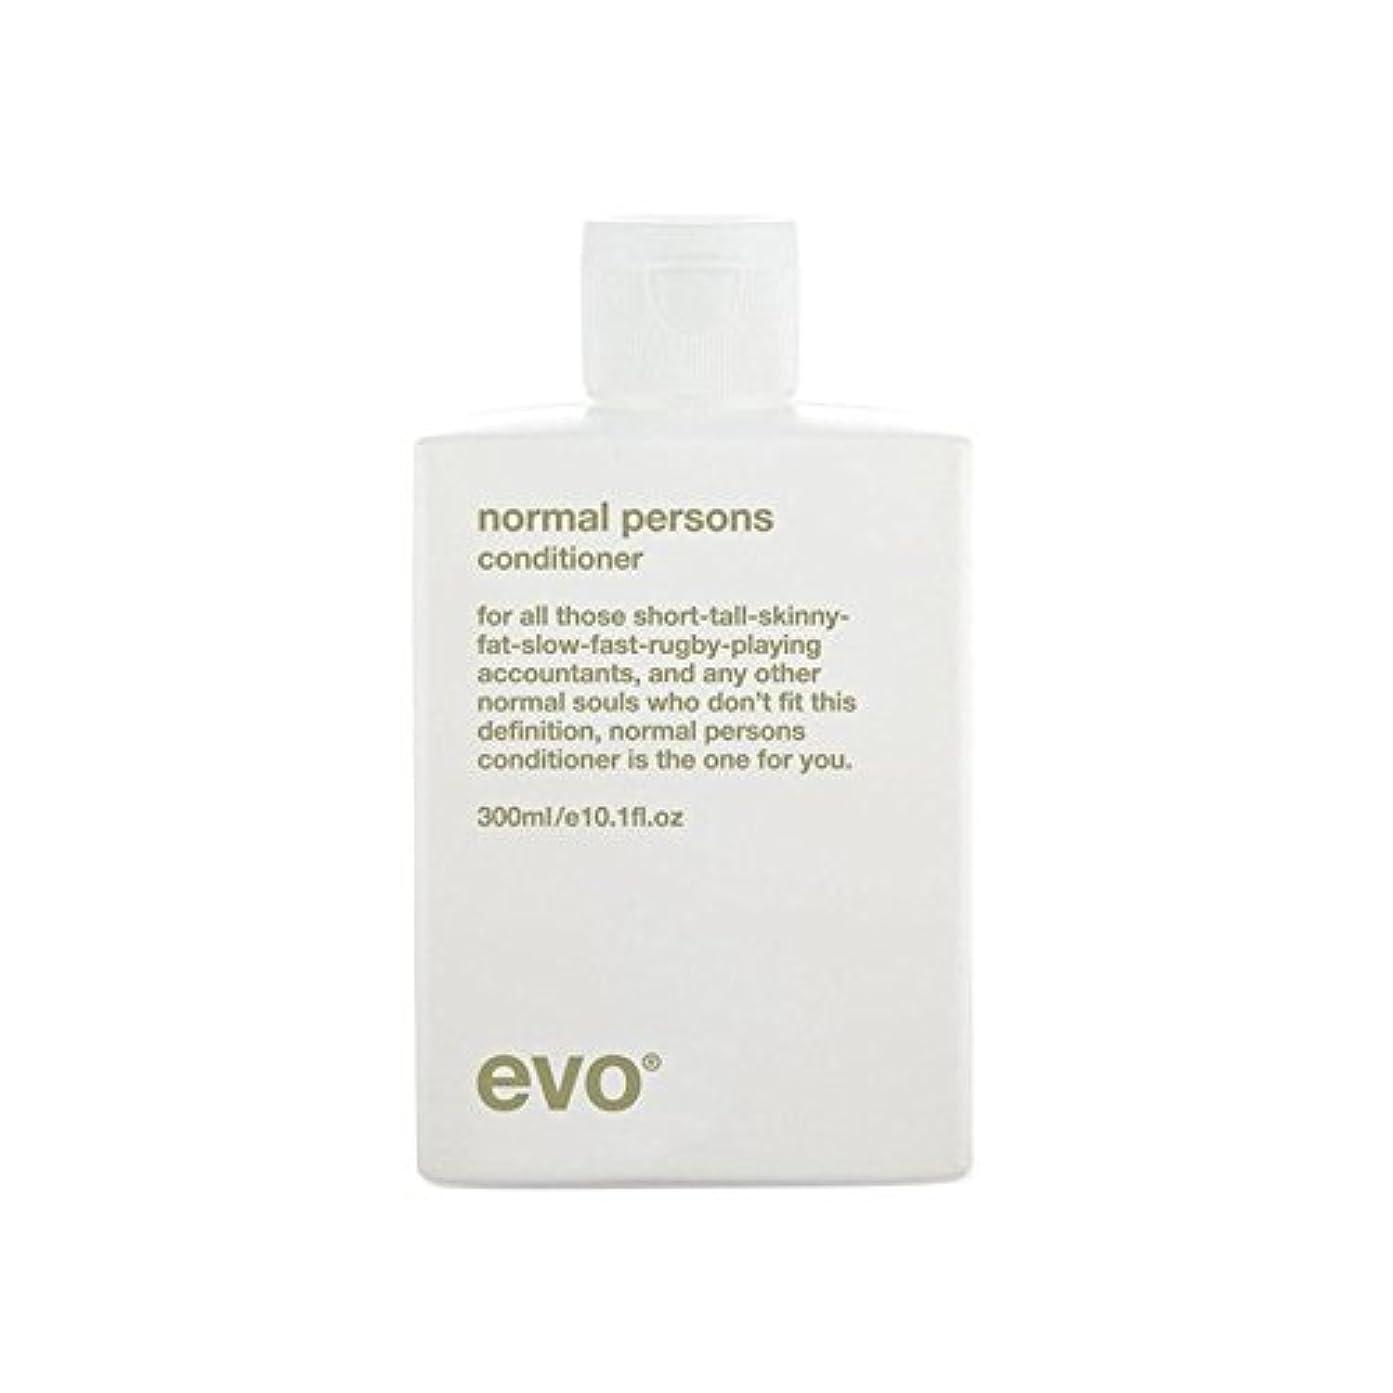 聖職者ビジター腐敗エボ正常人コンディショナー(300ミリリットル) x4 - Evo Normal Persons Conditioner (300ml) (Pack of 4) [並行輸入品]